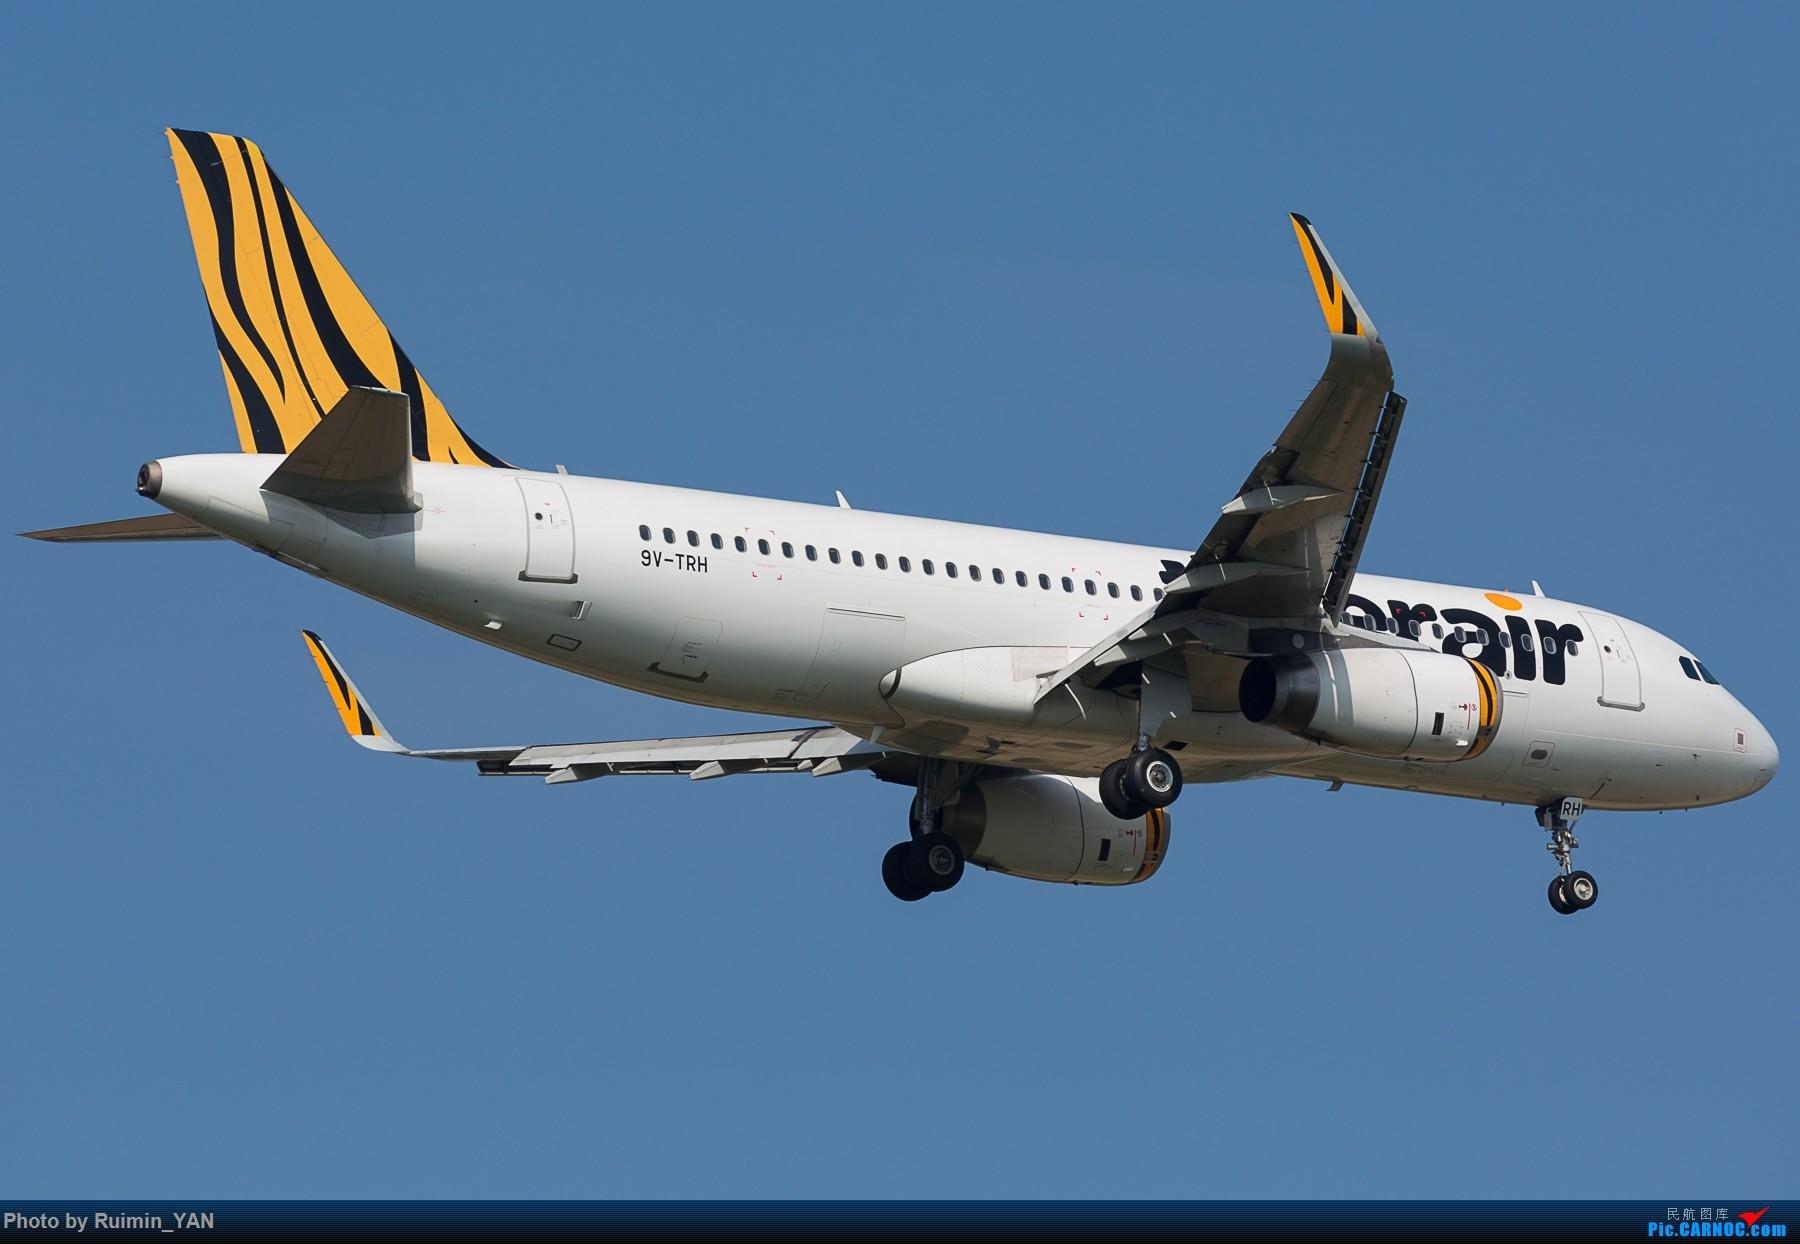 Re:【CAN】新加坡虎航(TR,Tiger Airways)9V-TRH A320